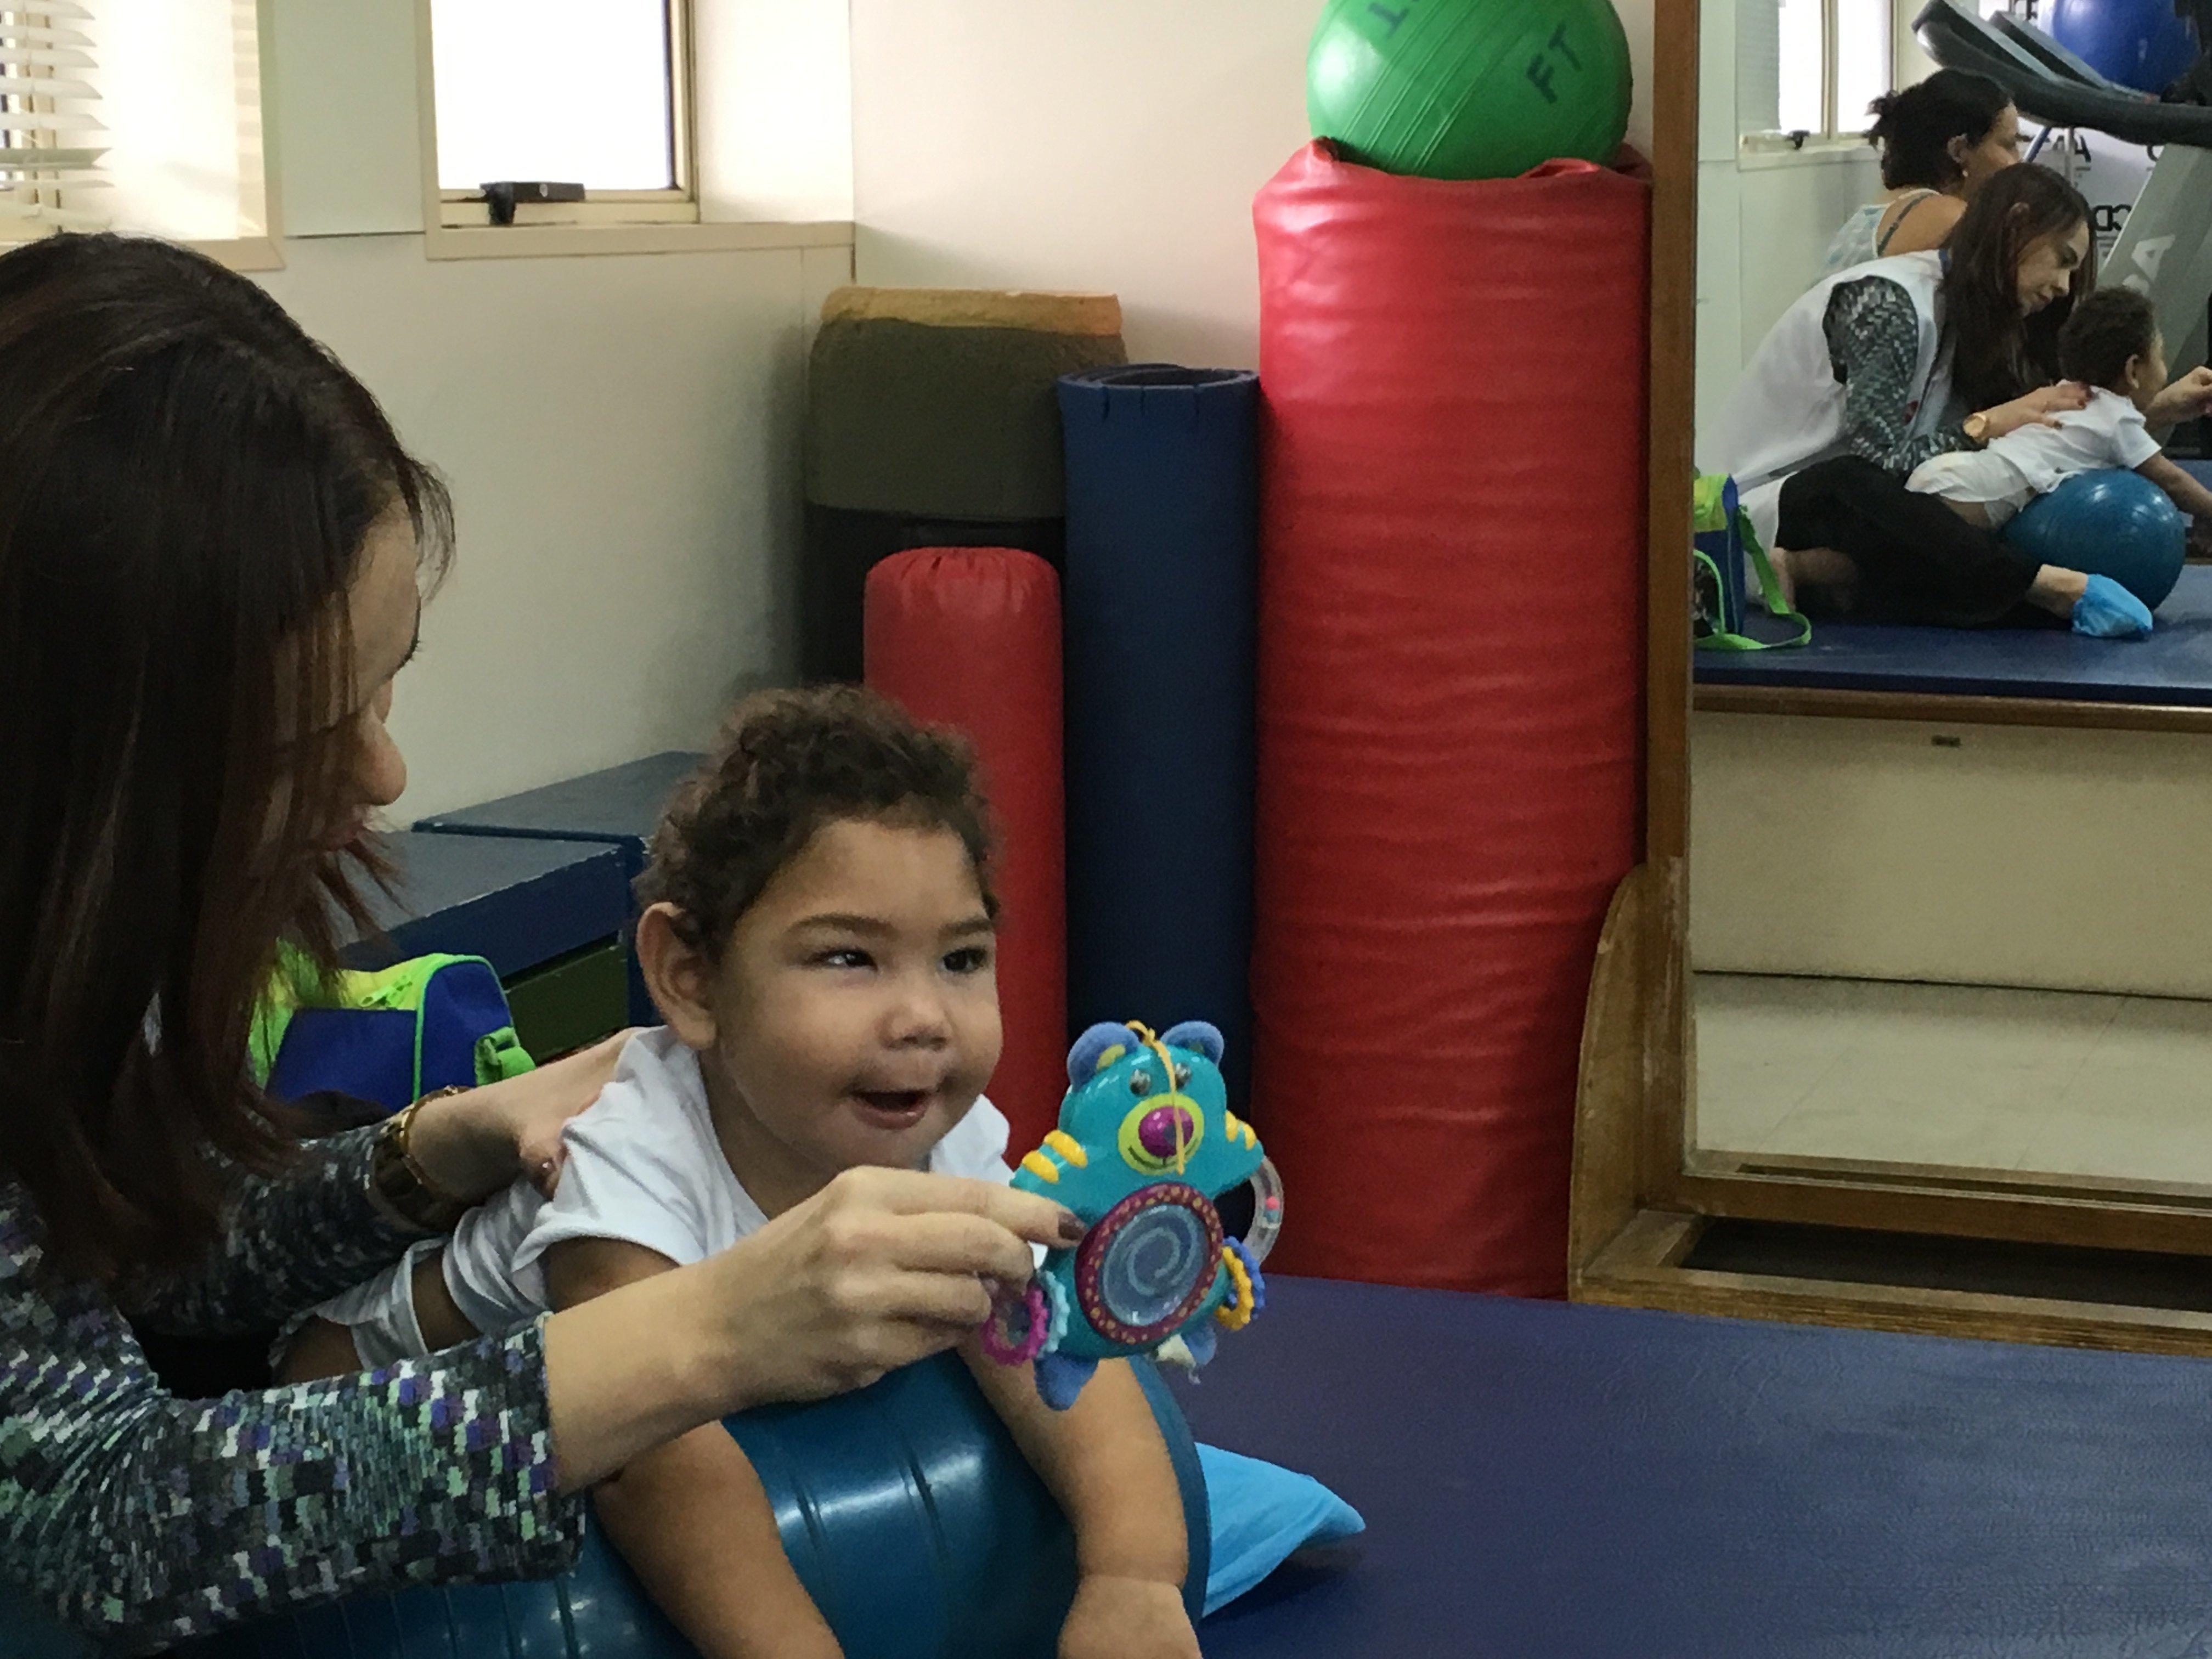 Dr. Ana Patrícia treats José Bernardo, who was born with microcephaly.